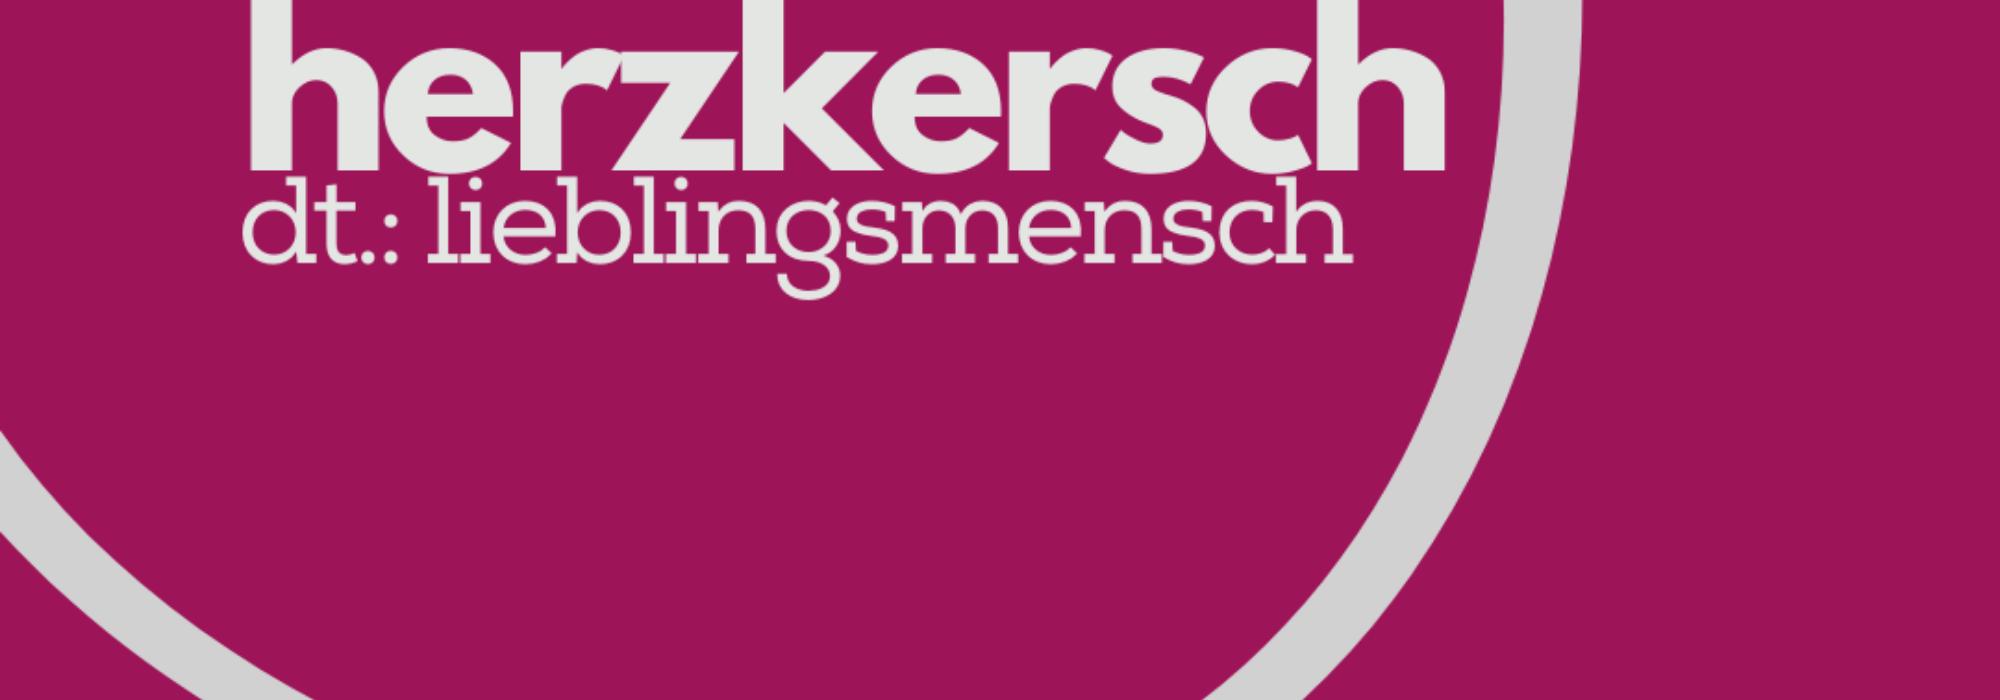 """Kopie von Ohne Titel - """"Herzkersch""""... zu (hoch-)deutsch: Lieblingsmensch."""